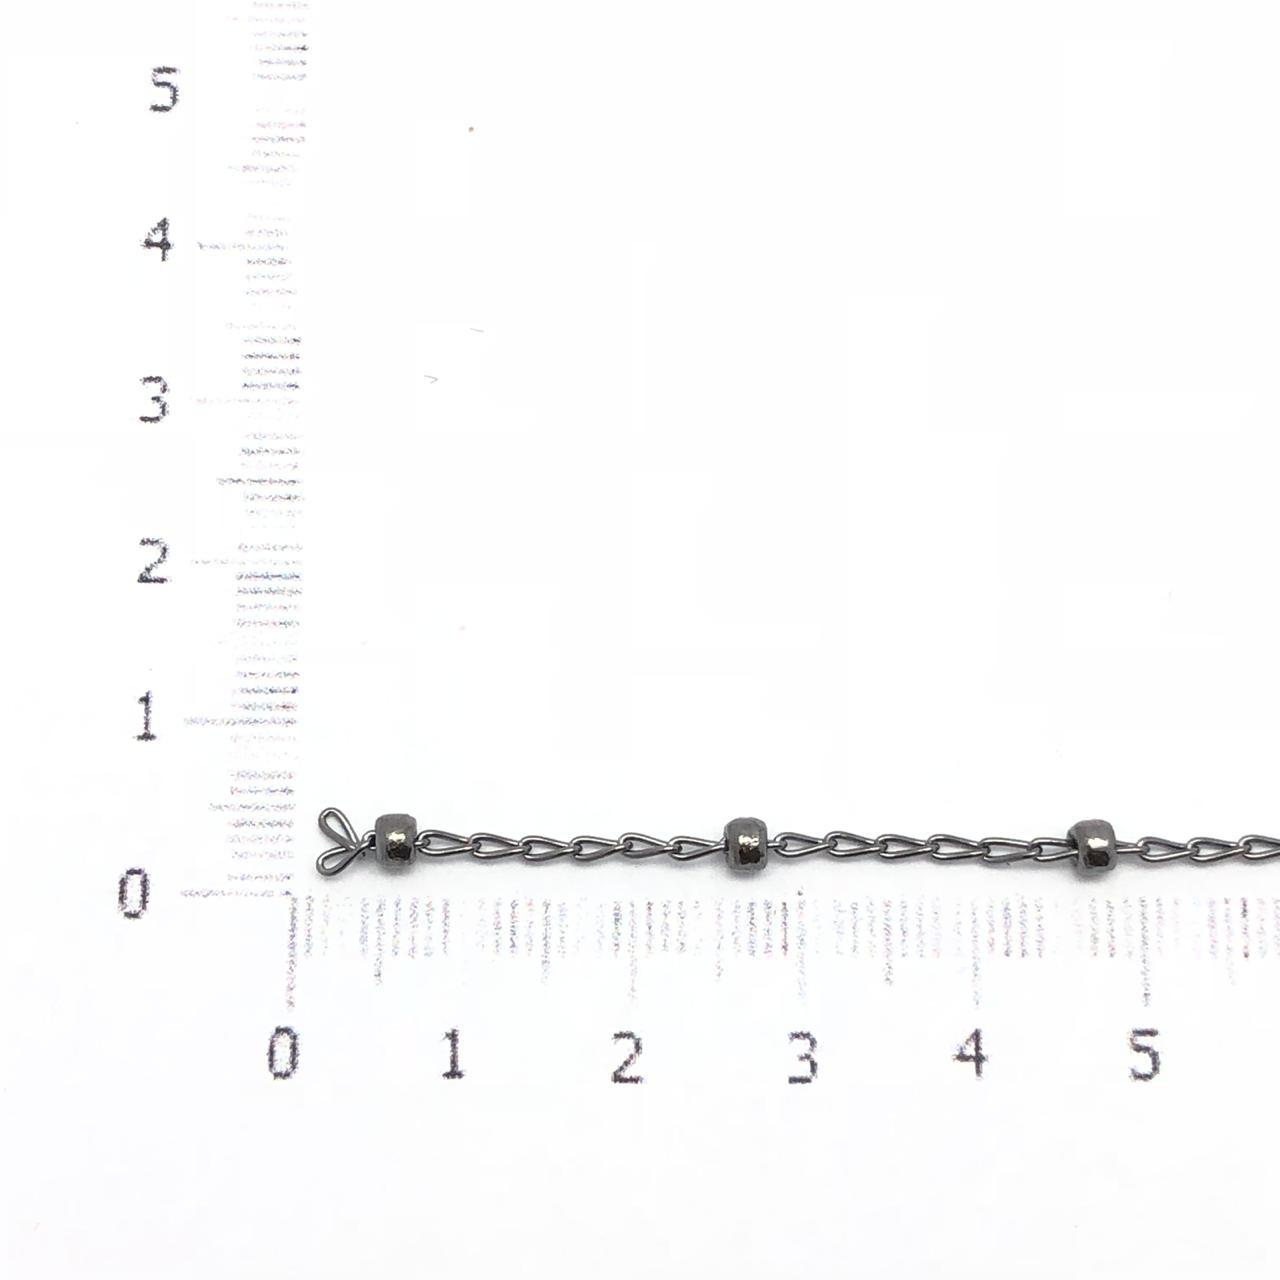 CR210 - Corrente com bolinha 3mm Banhado Cor Grafite - 1metro